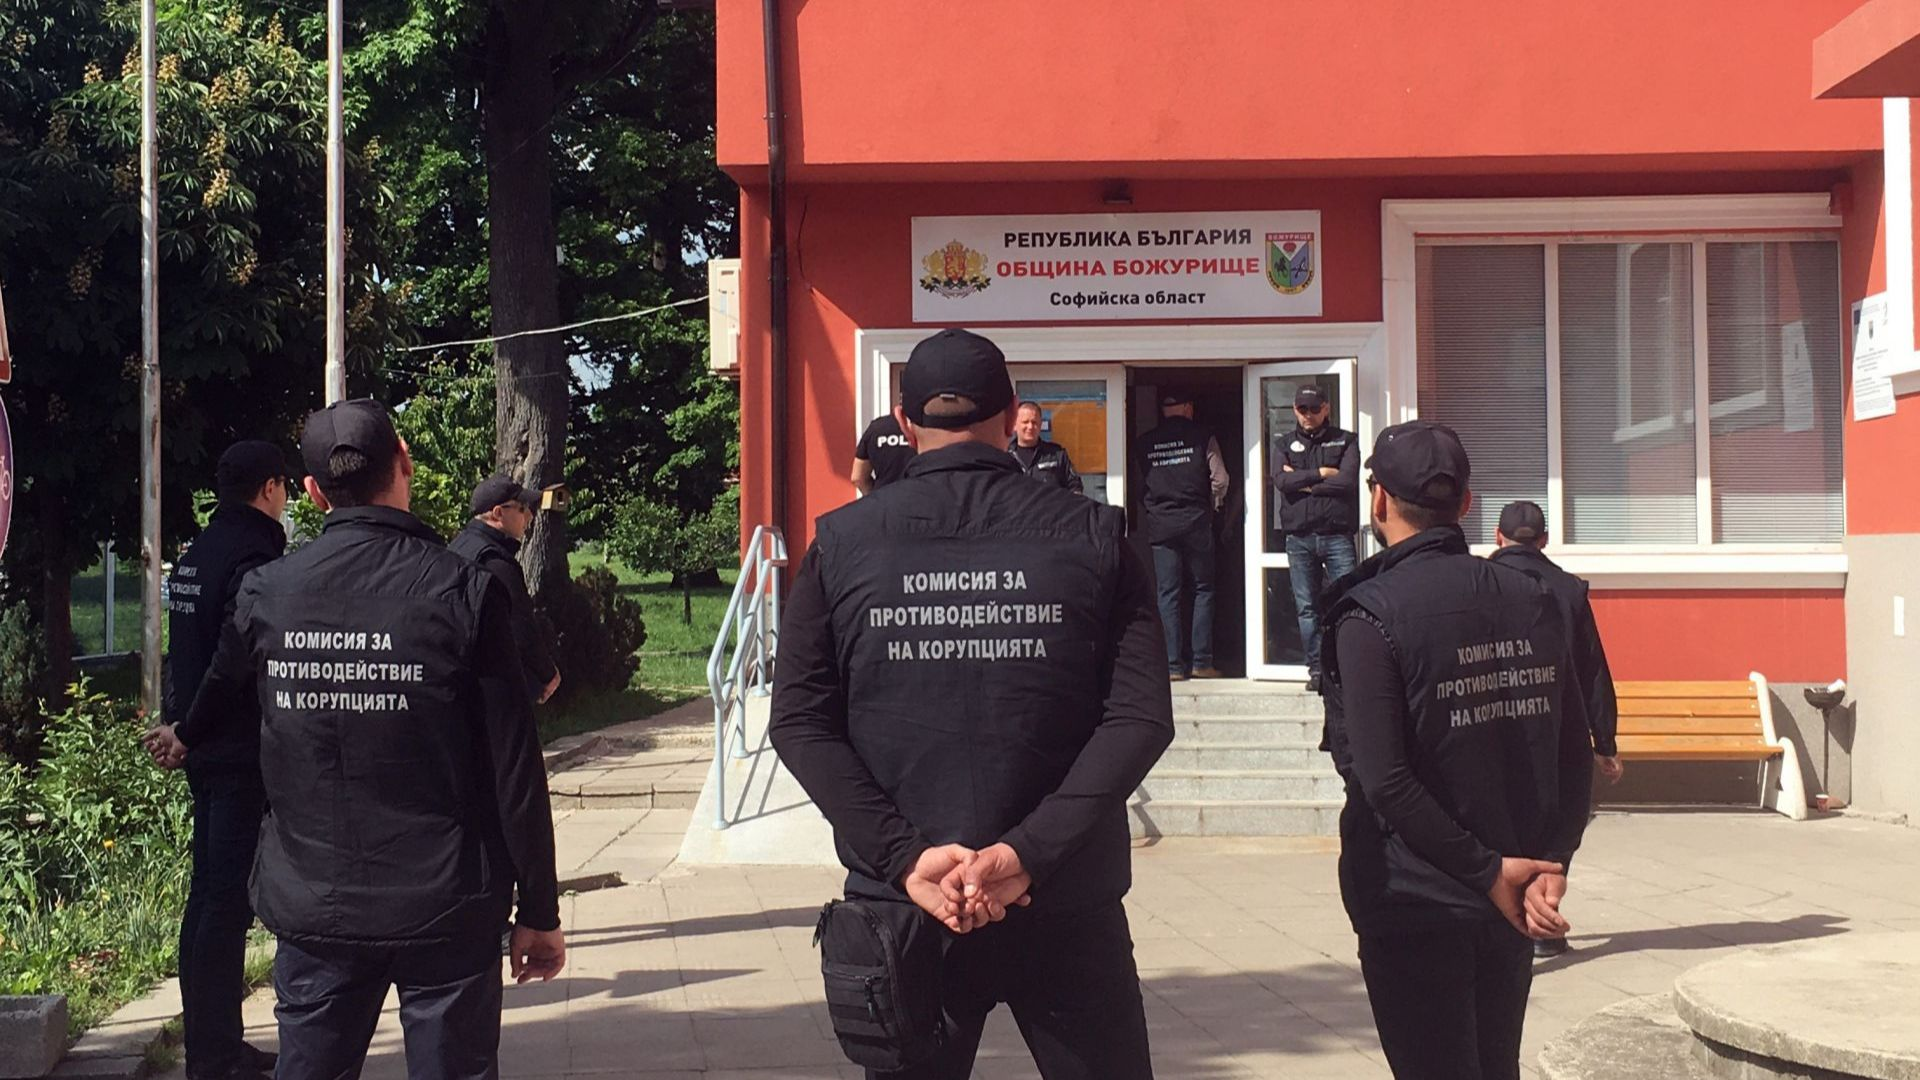 Спецпрокуратурата с акция срещу кмета на Божурище